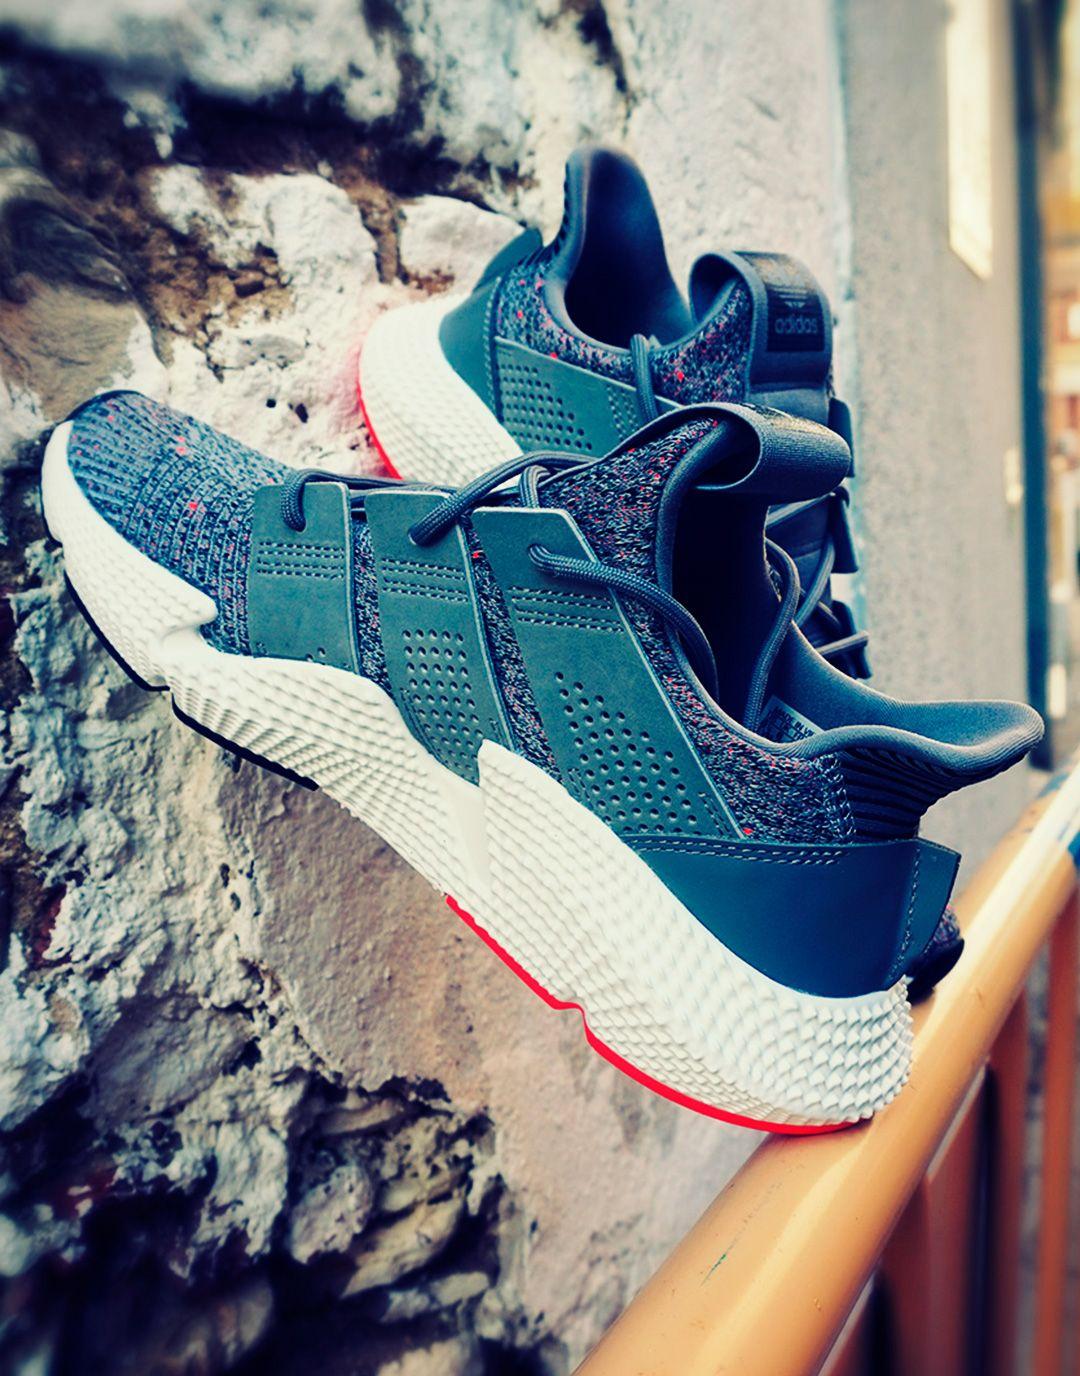 Zapatillas Adidas Prophere Scarpe Da Ginnastica Per Uomini Pinterest